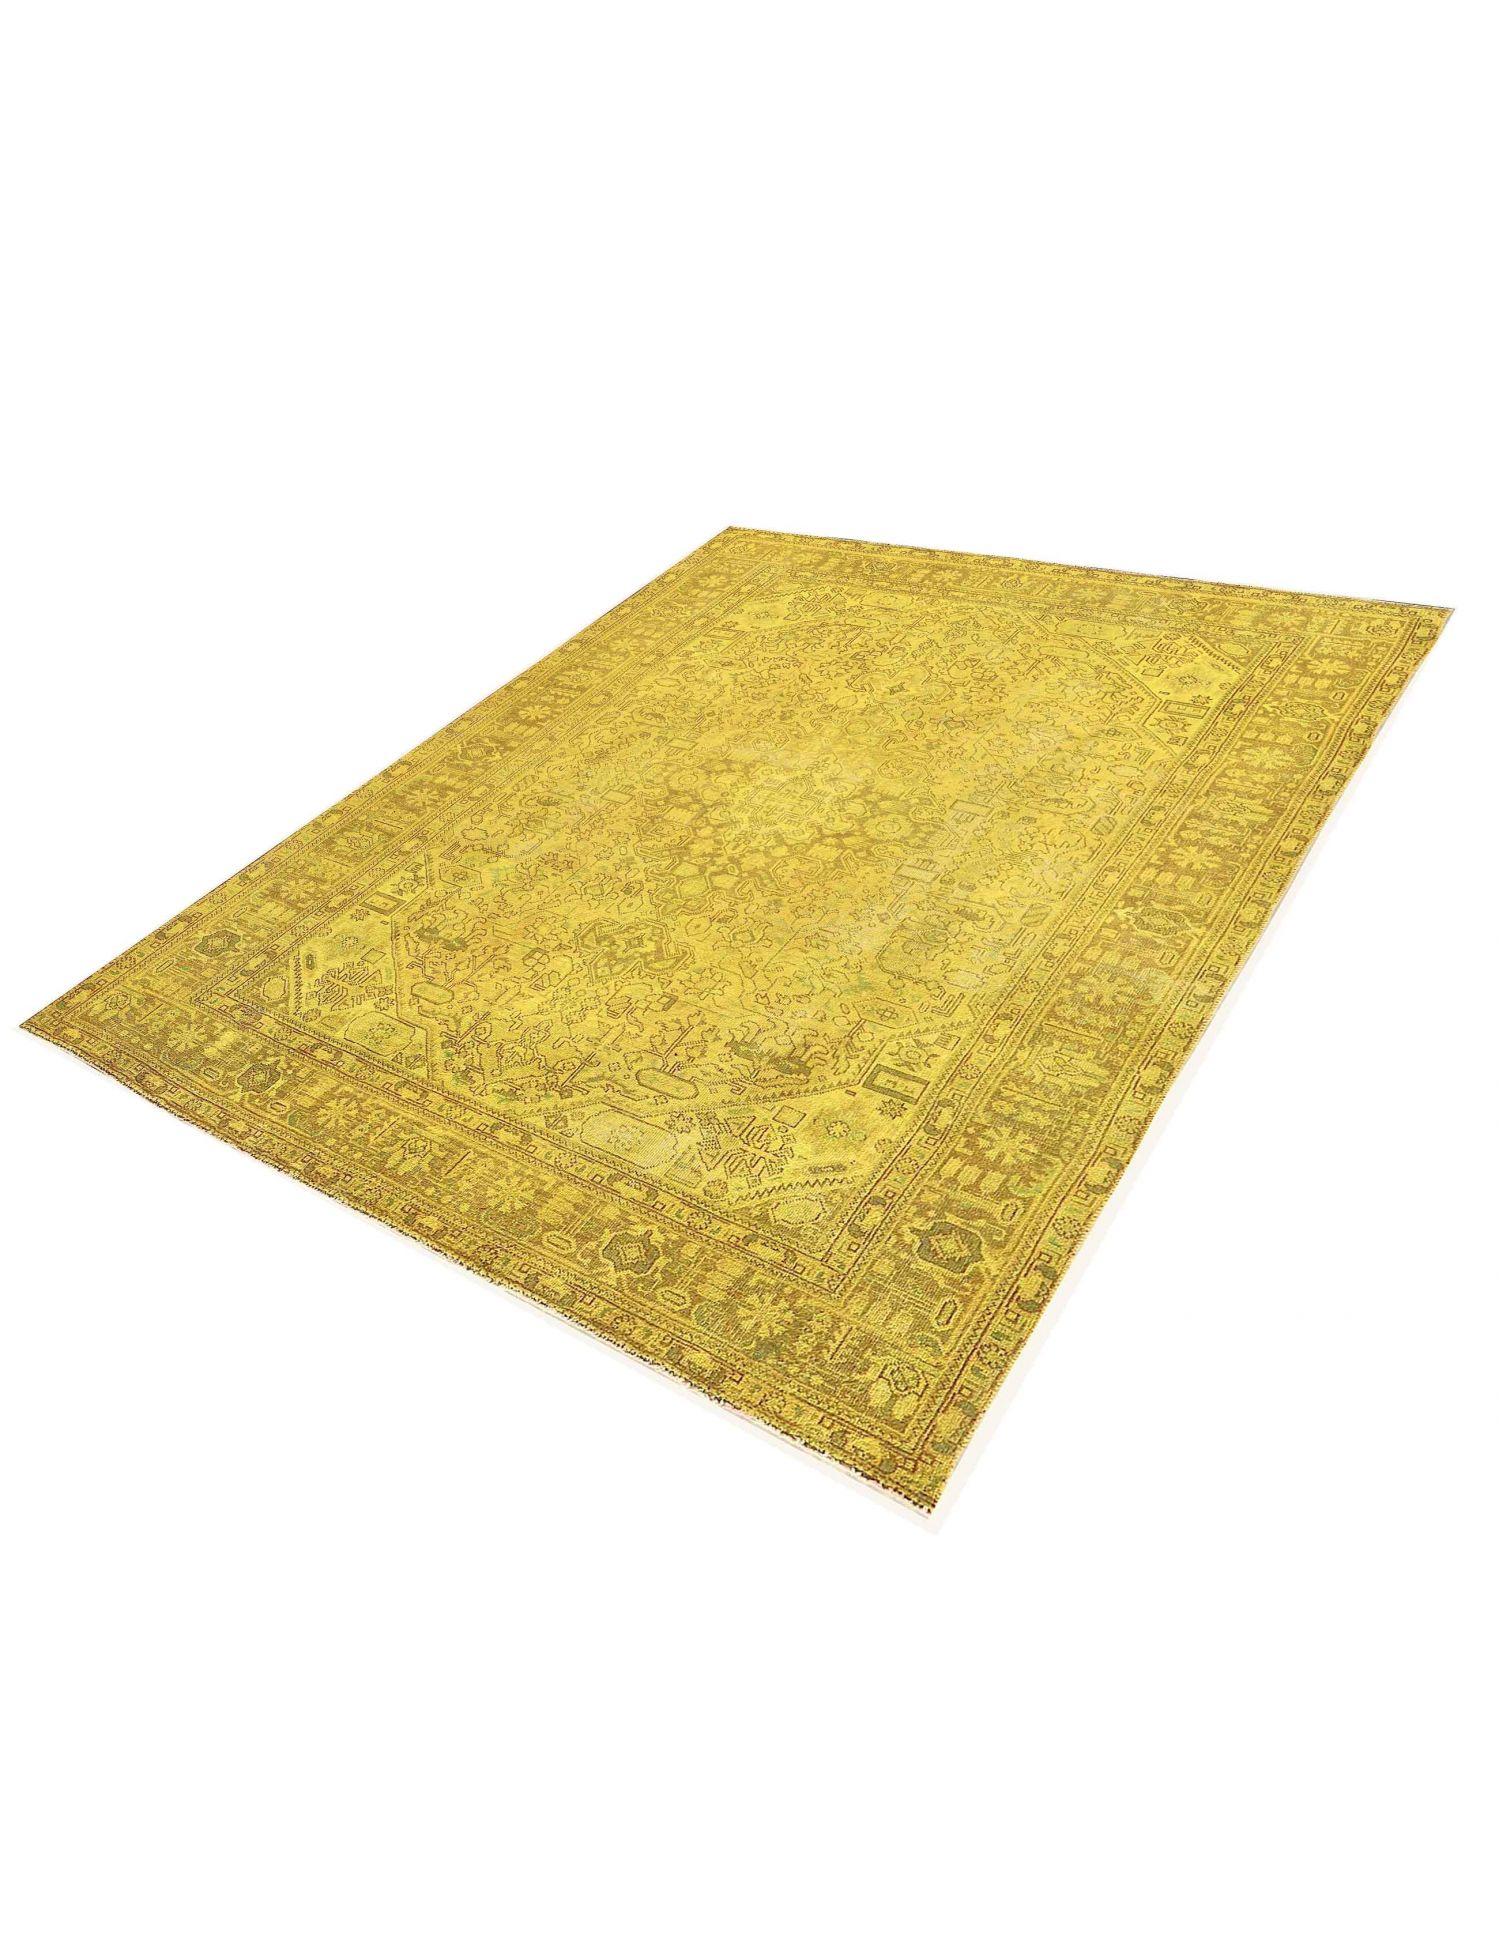 Tappeto Vintage  giallo <br/>290 x 197 cm